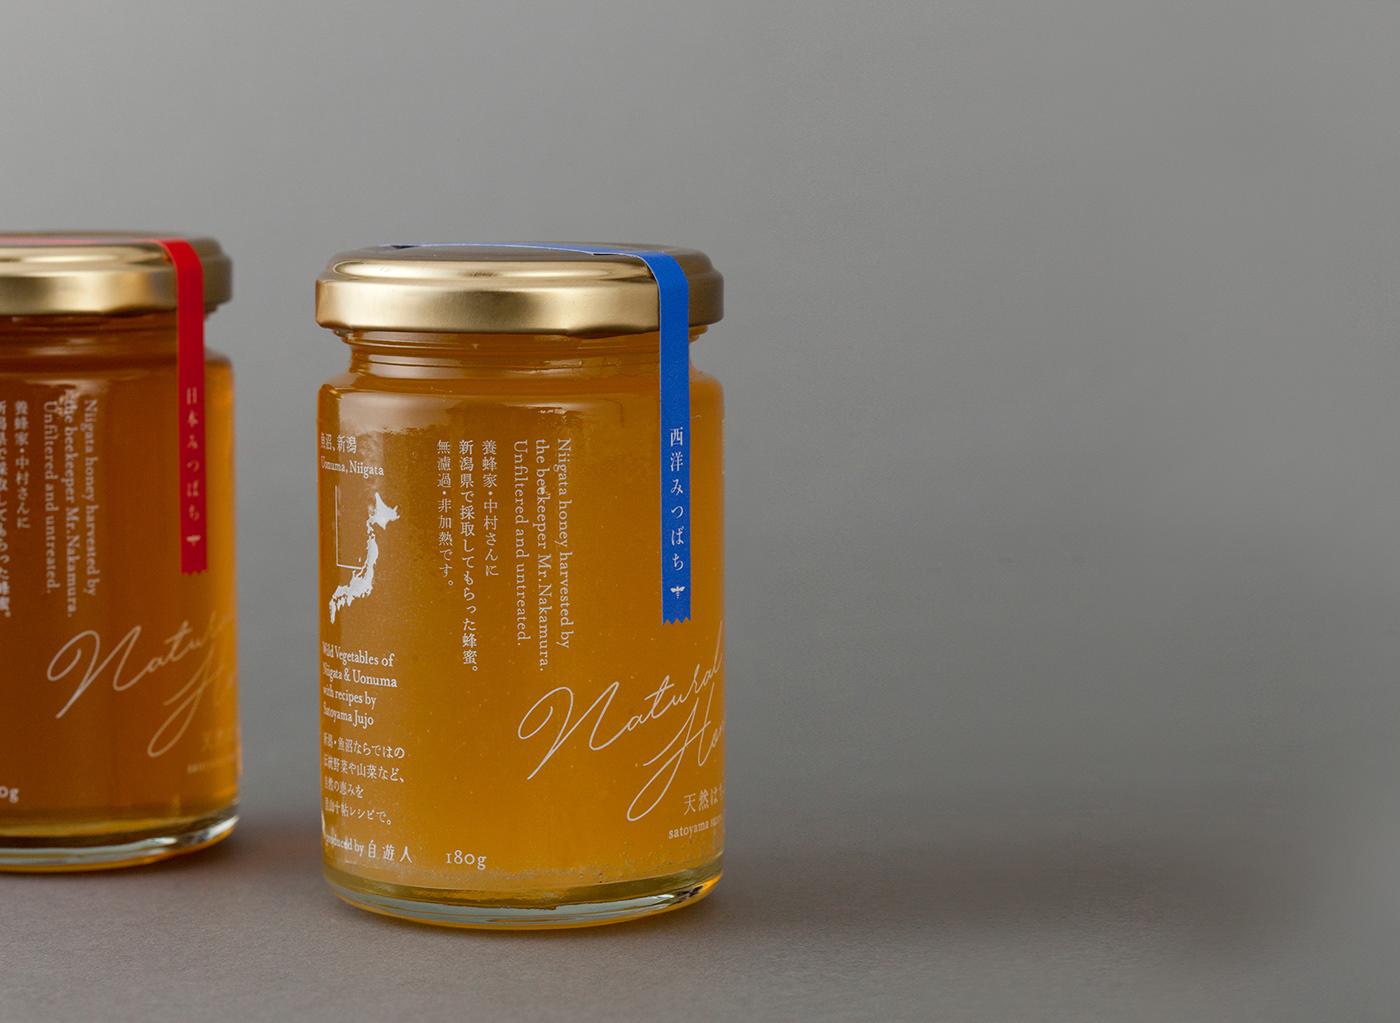 里山十贴天然的蜂蜜包装设计本该如此